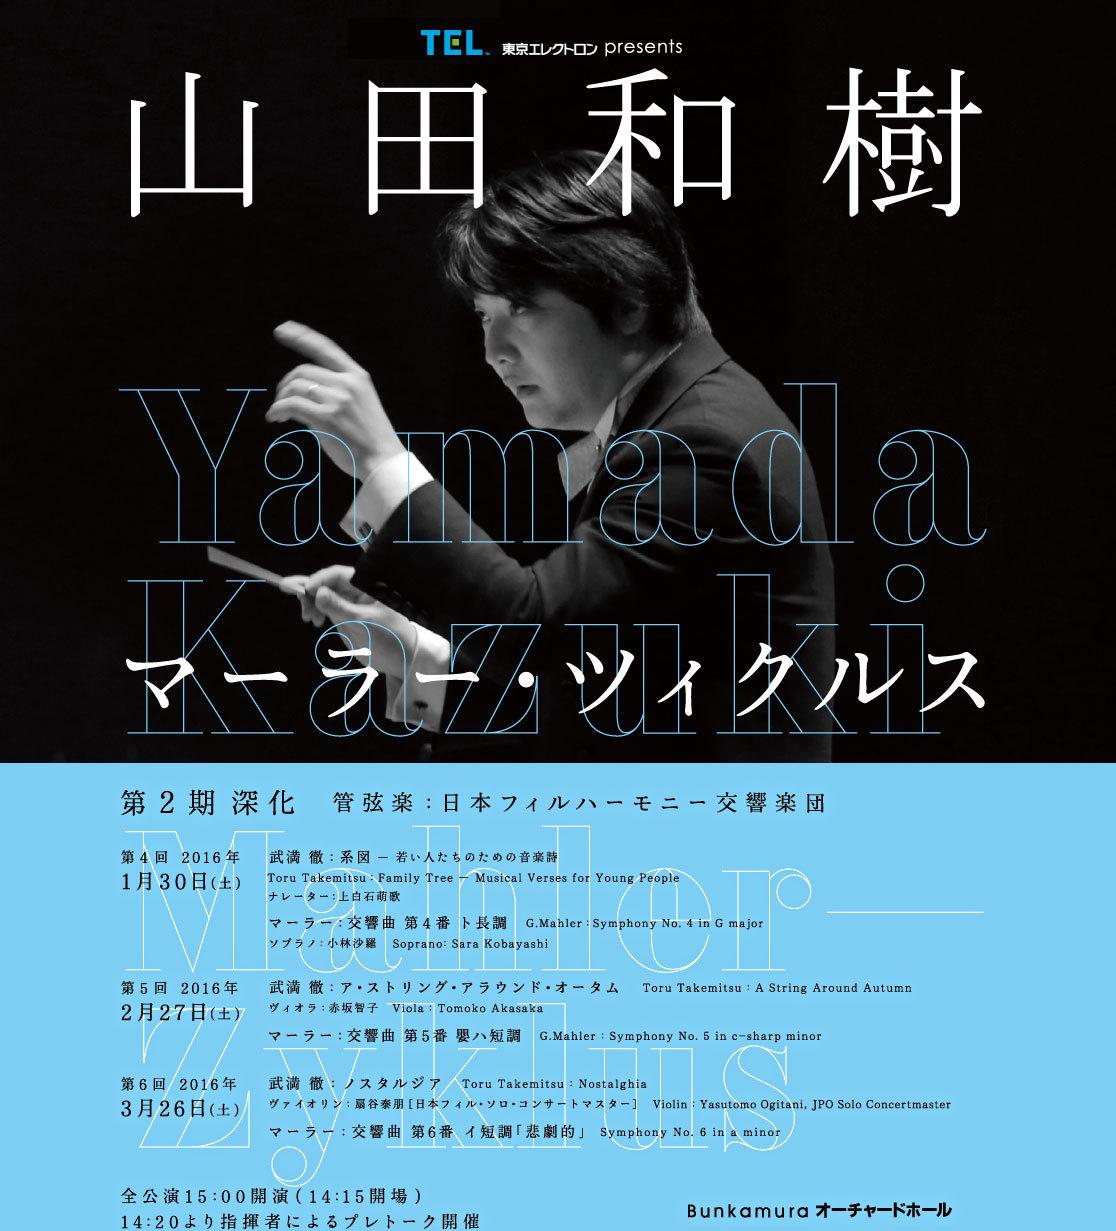 山田和樹指揮 日本フィル マーラー・ツィクルス 第 4回 2016年 1月30日 Bunkamura オーチャードホール_e0345320_23302812.jpg